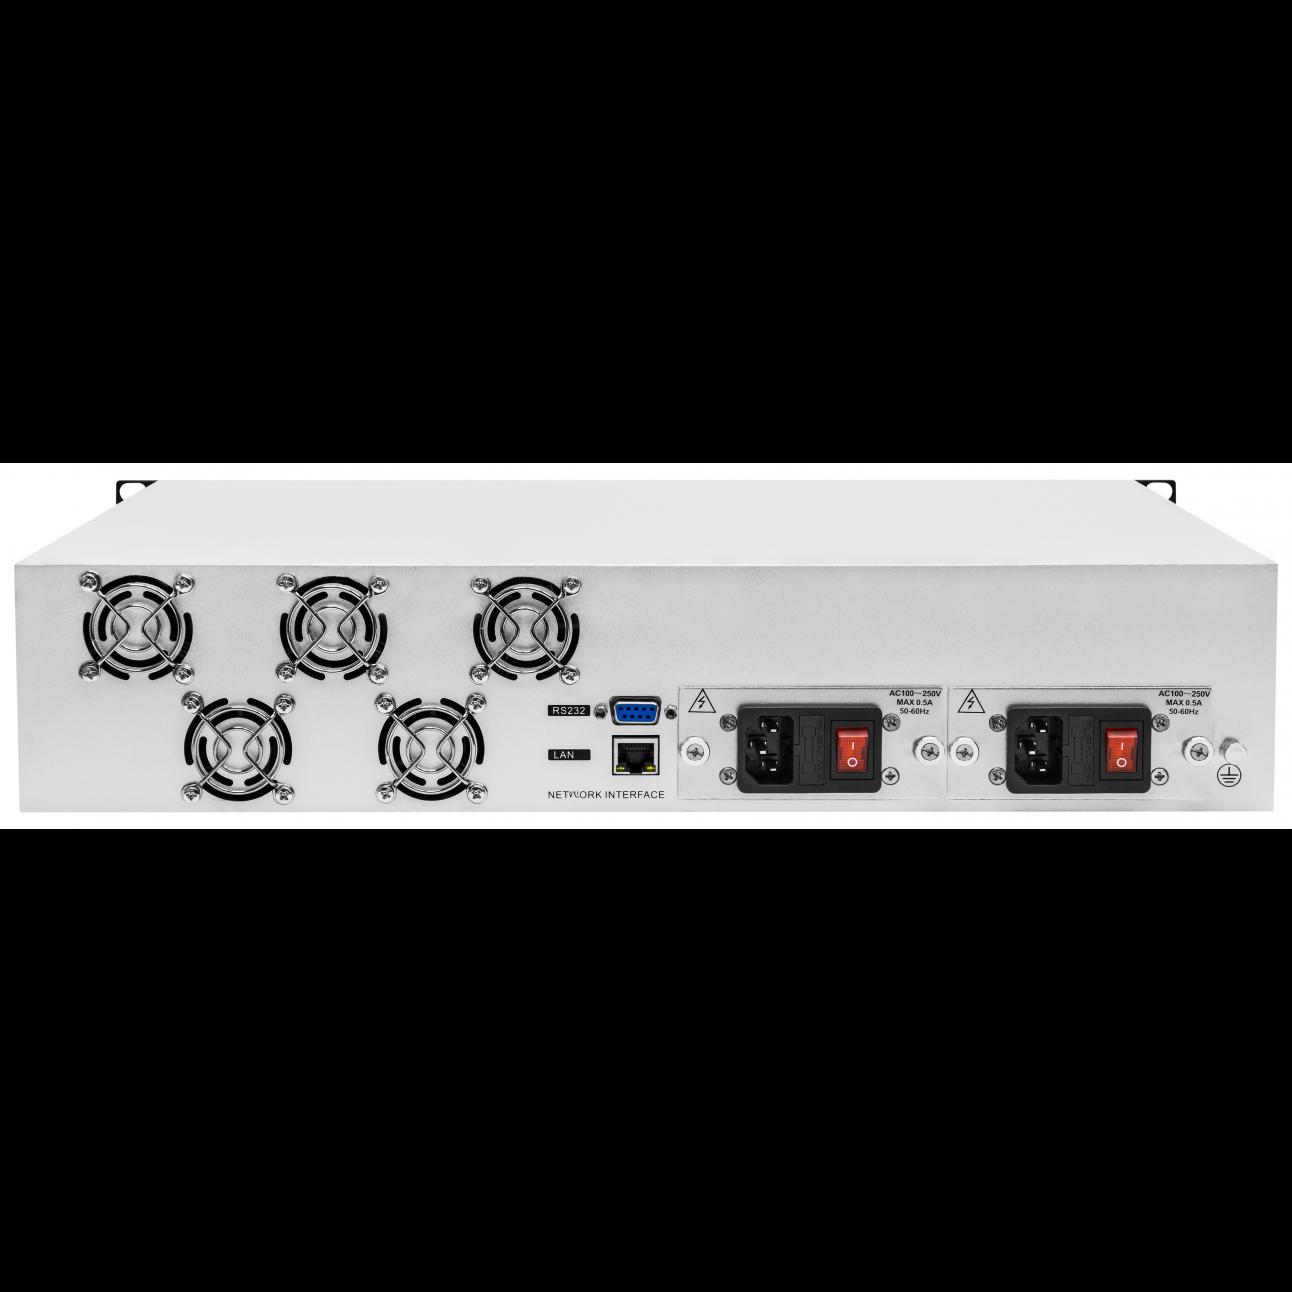 Оптический усилитель VERMAX для сетей КТВ, 2 входа, 32*17dBm выхода, WDM фильтр PON